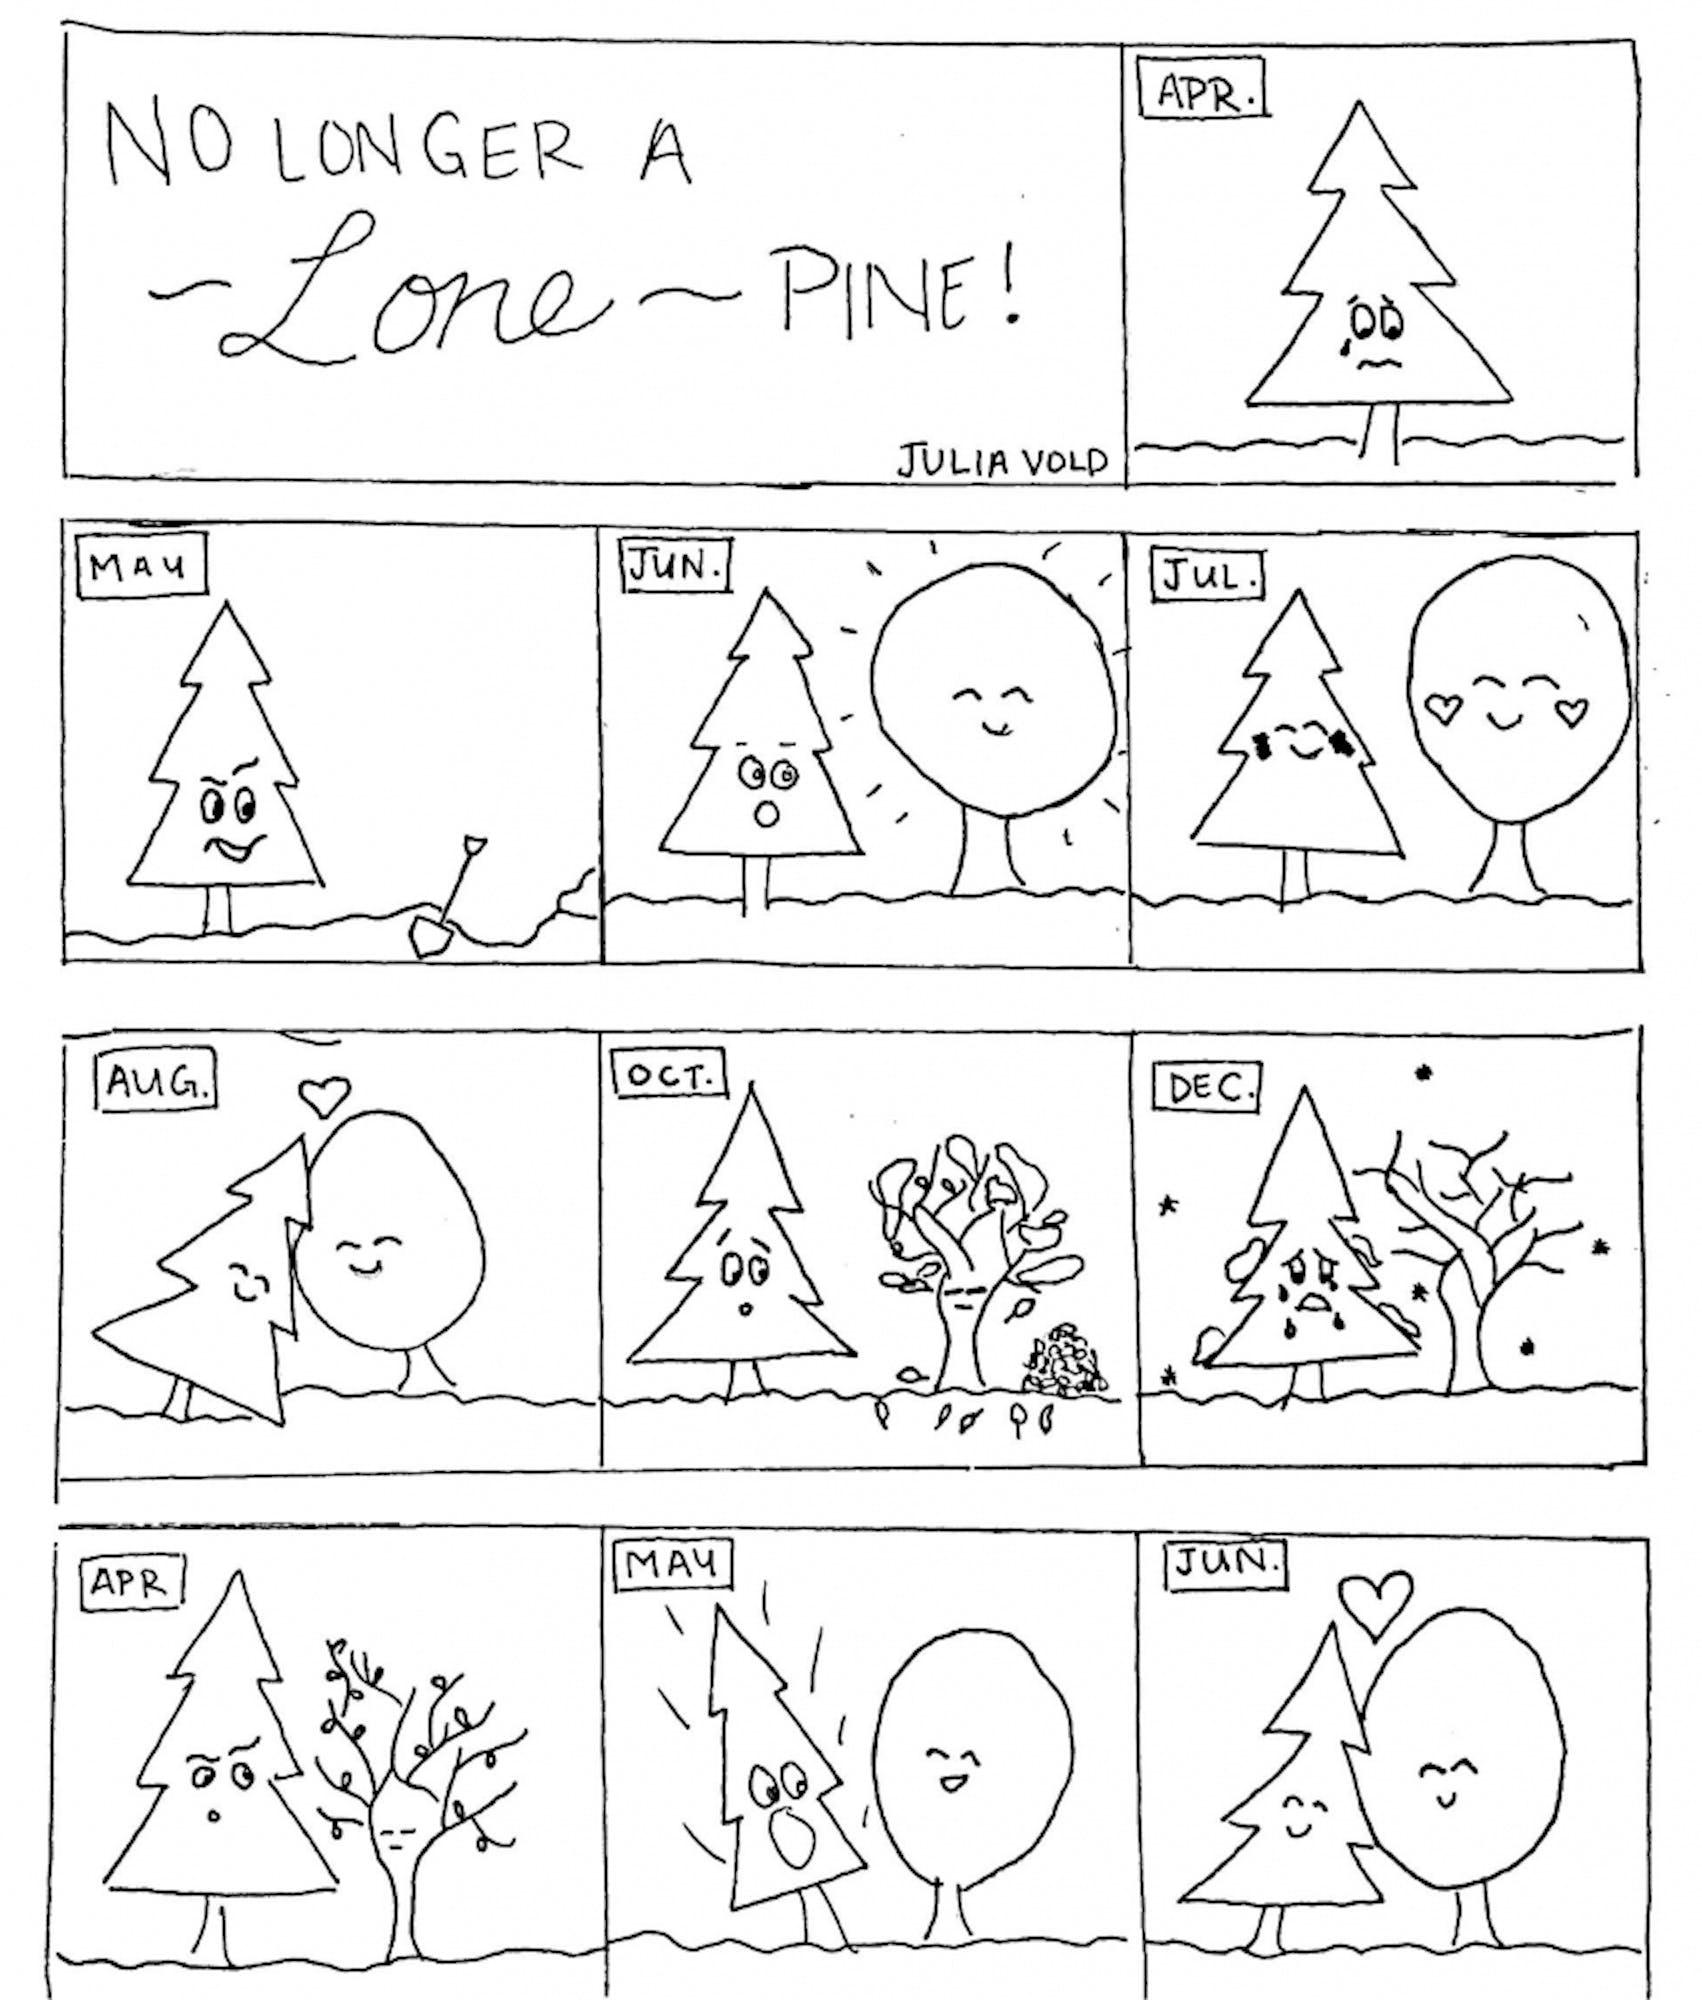 julia-vold-lone-pine-1